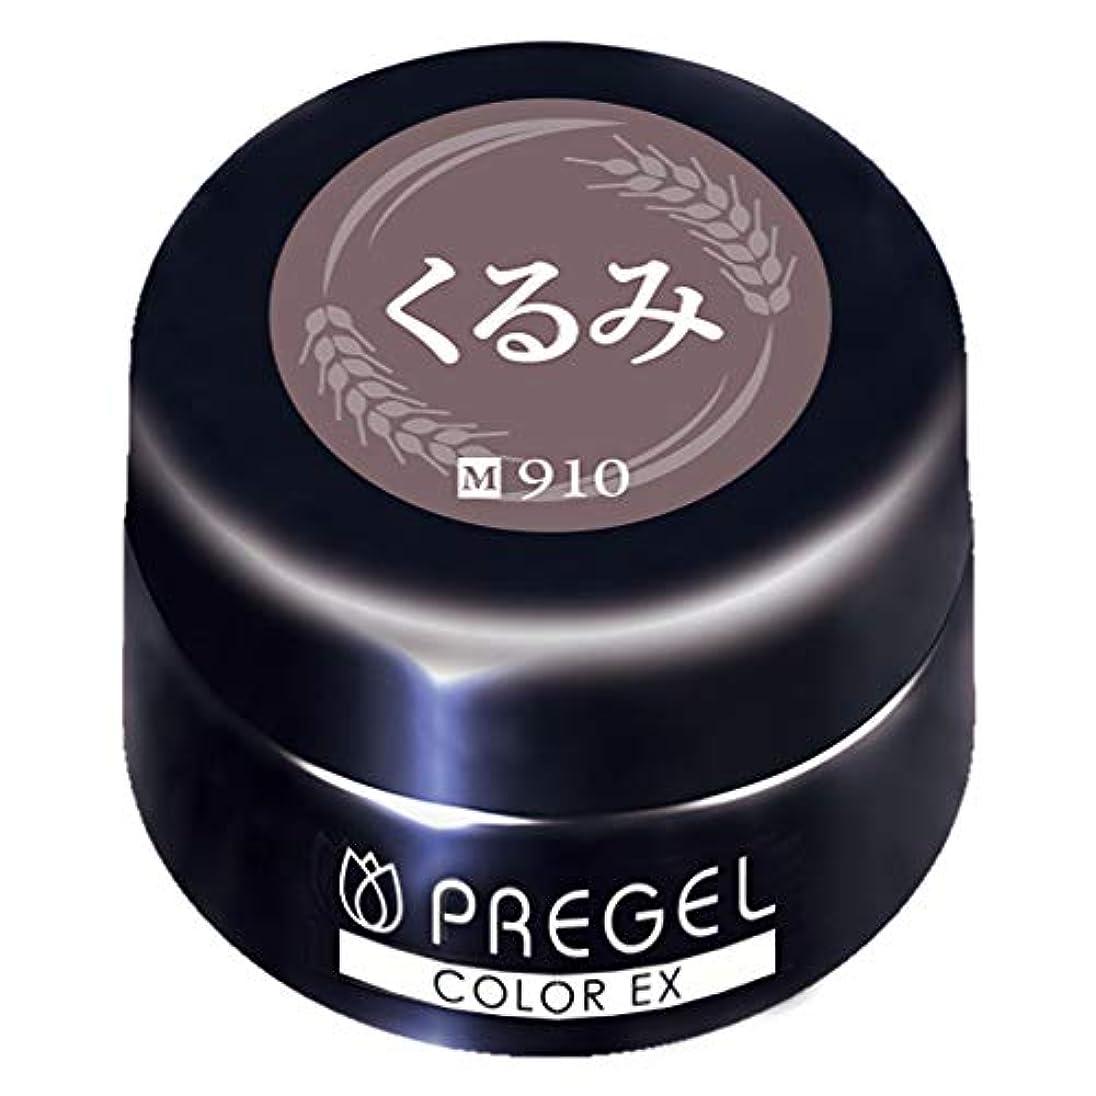 触手祝福不定PRE GEL(プリジェル) カラーEX くるみ 3g PG-CE910 UV/LED対応